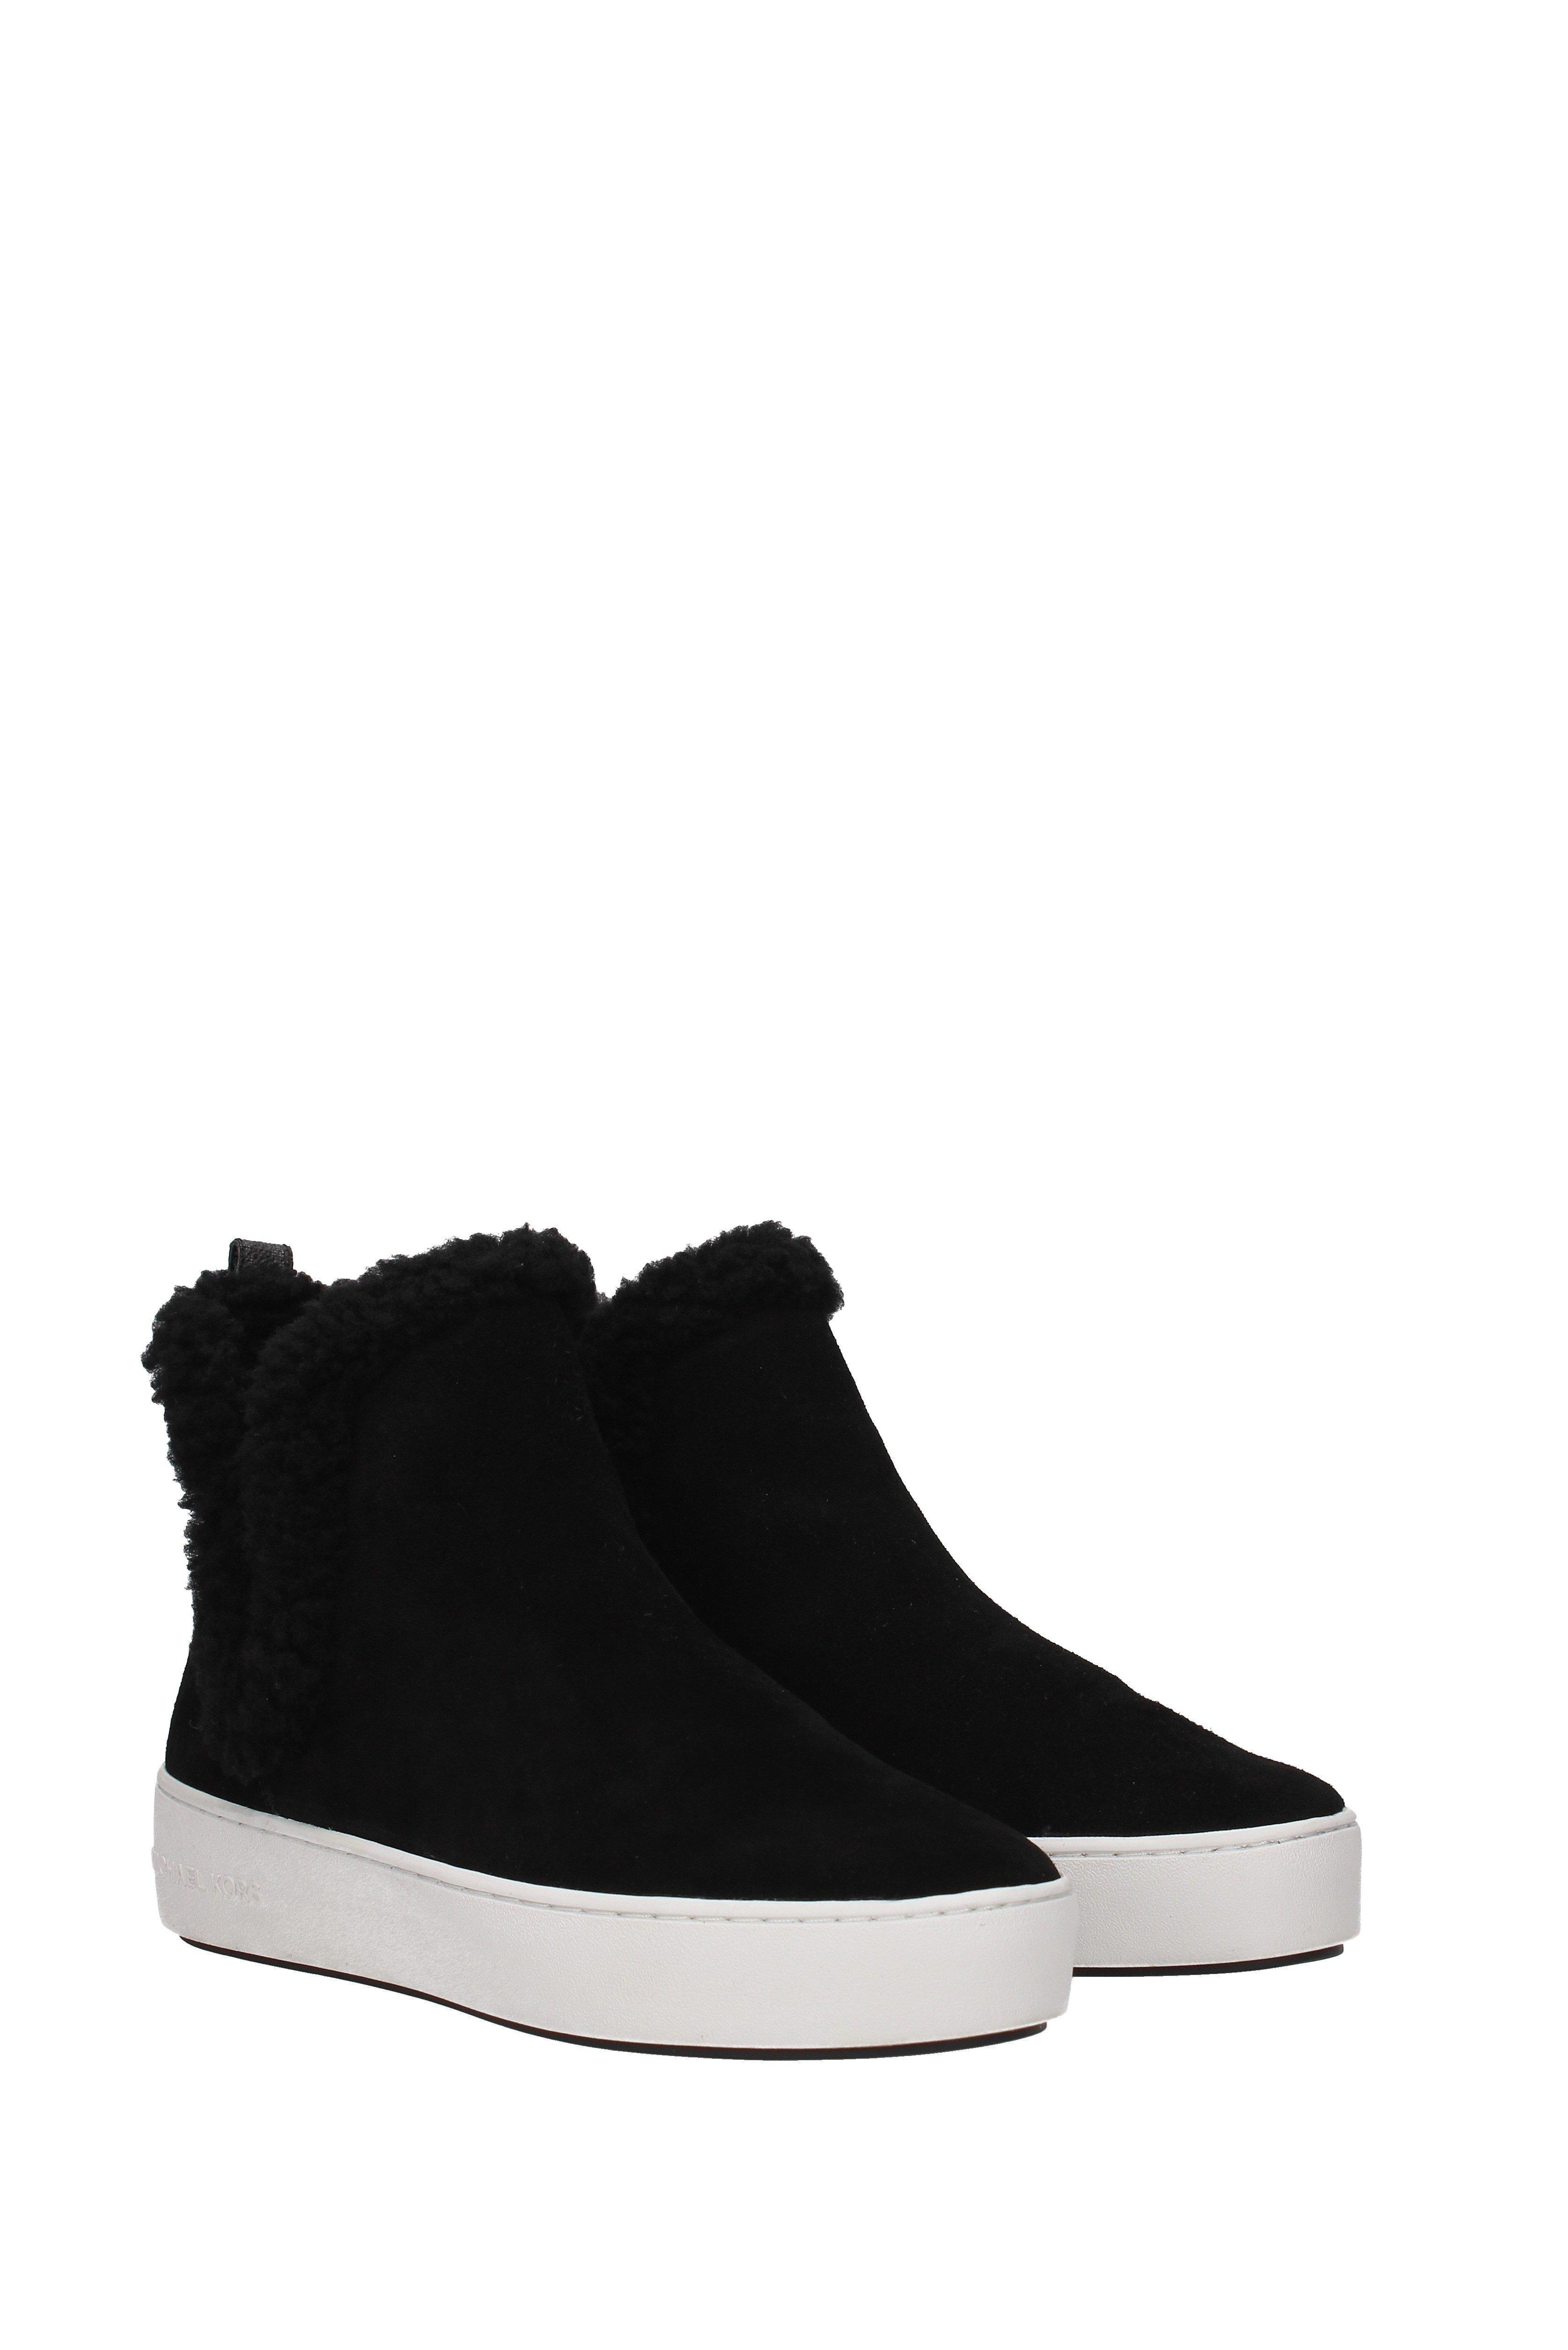 c84268338e0 Ankle Boots Ashlyn Women Black